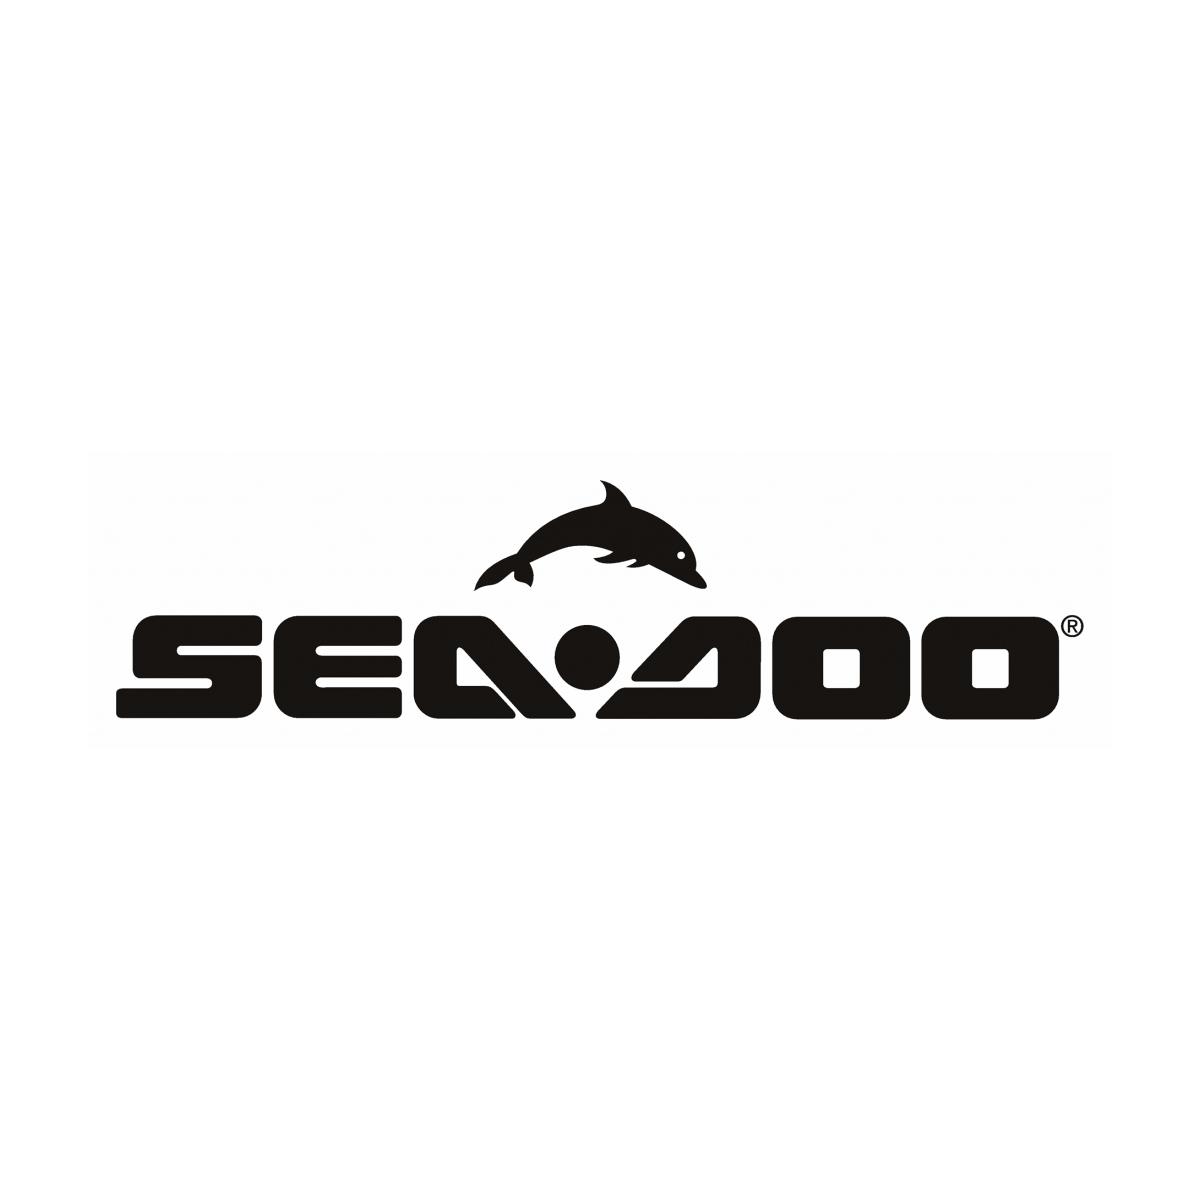 Plug do Parachoque para Jet Ski Sea Doo Preto  - Radical Peças - Peças para Jet Ski